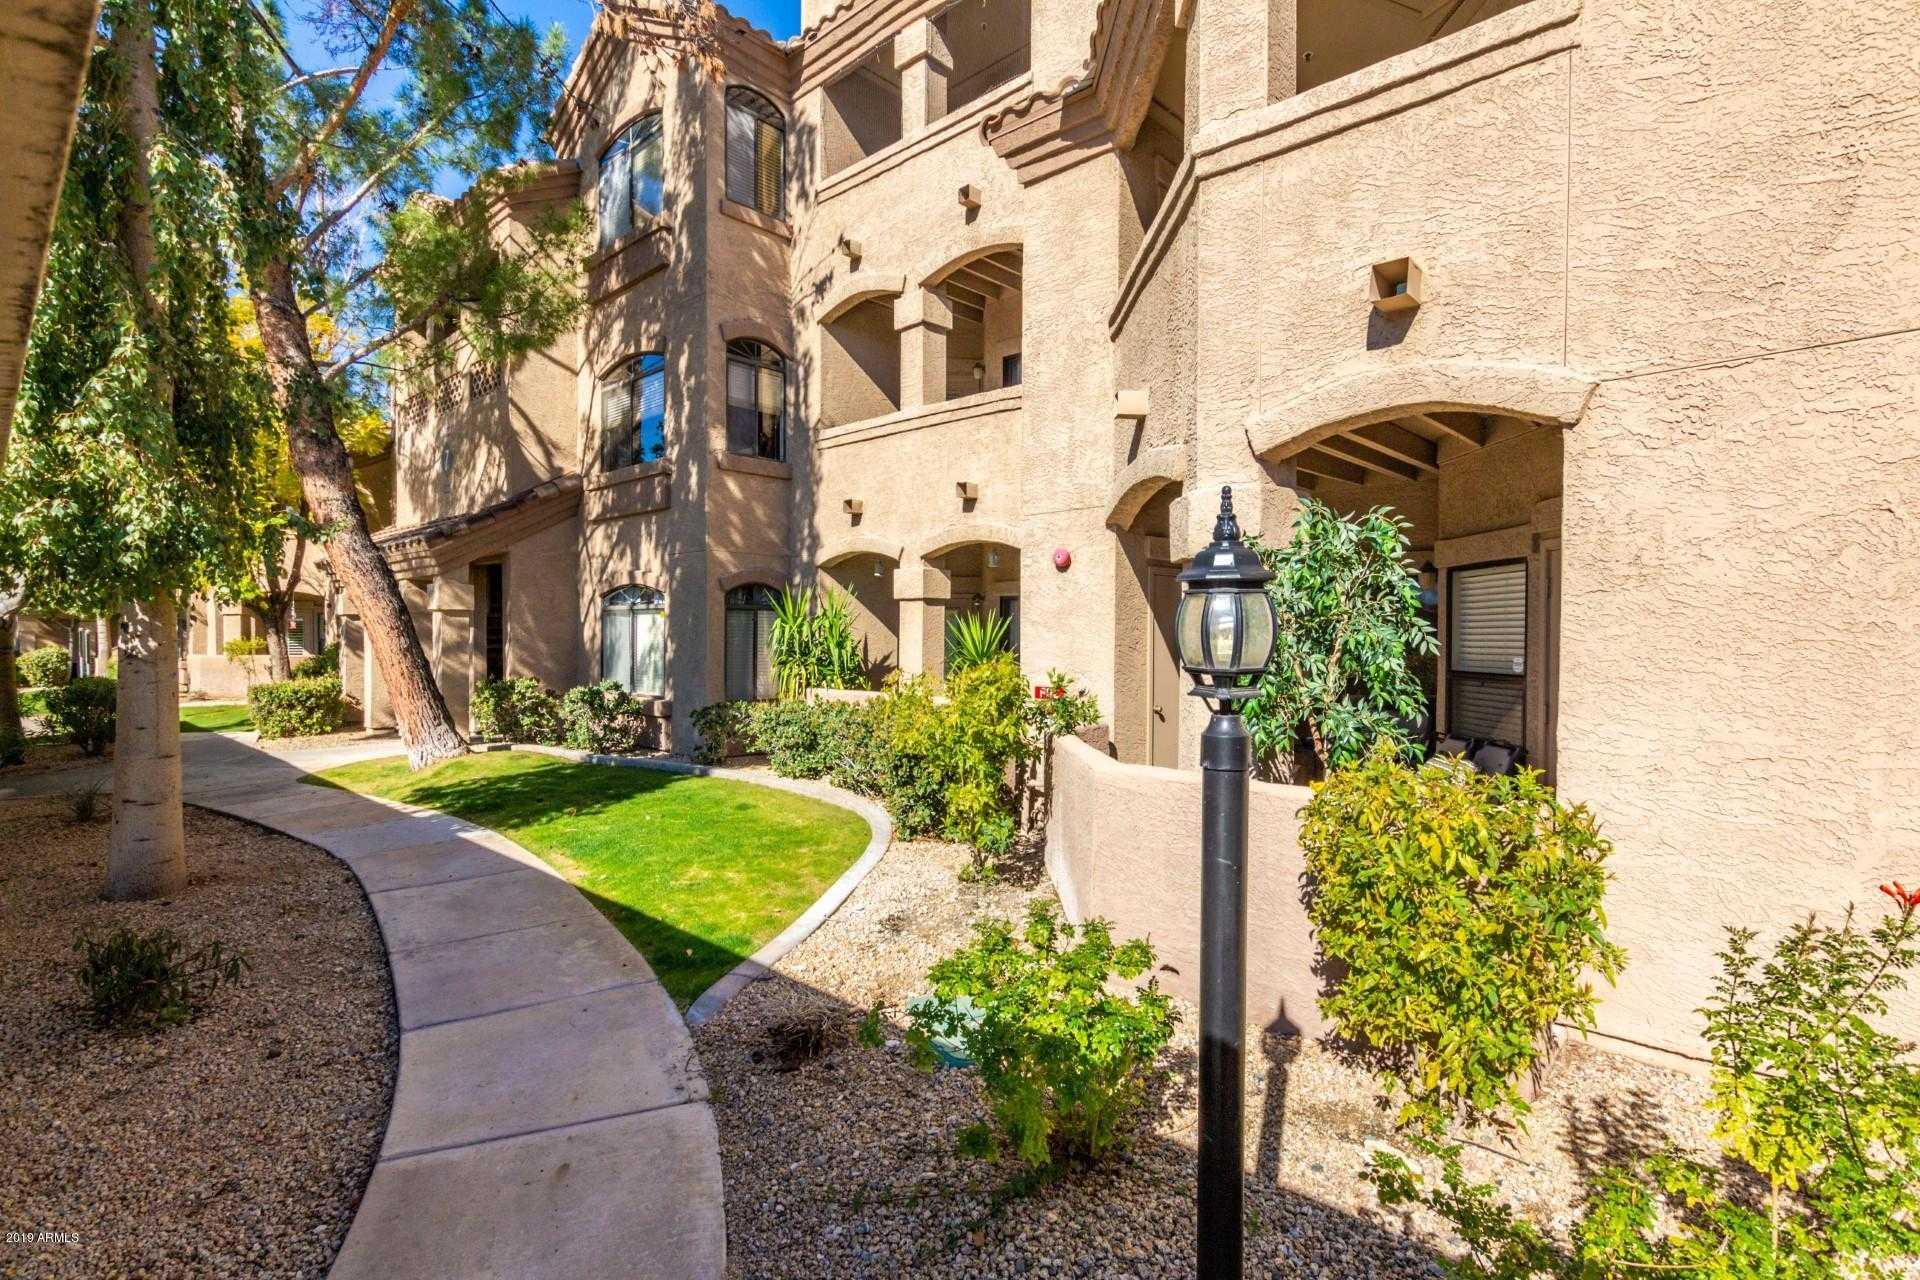 $168,000 - 1Br/1Ba -  for Sale in Signature Scottsdale Condominium, Scottsdale